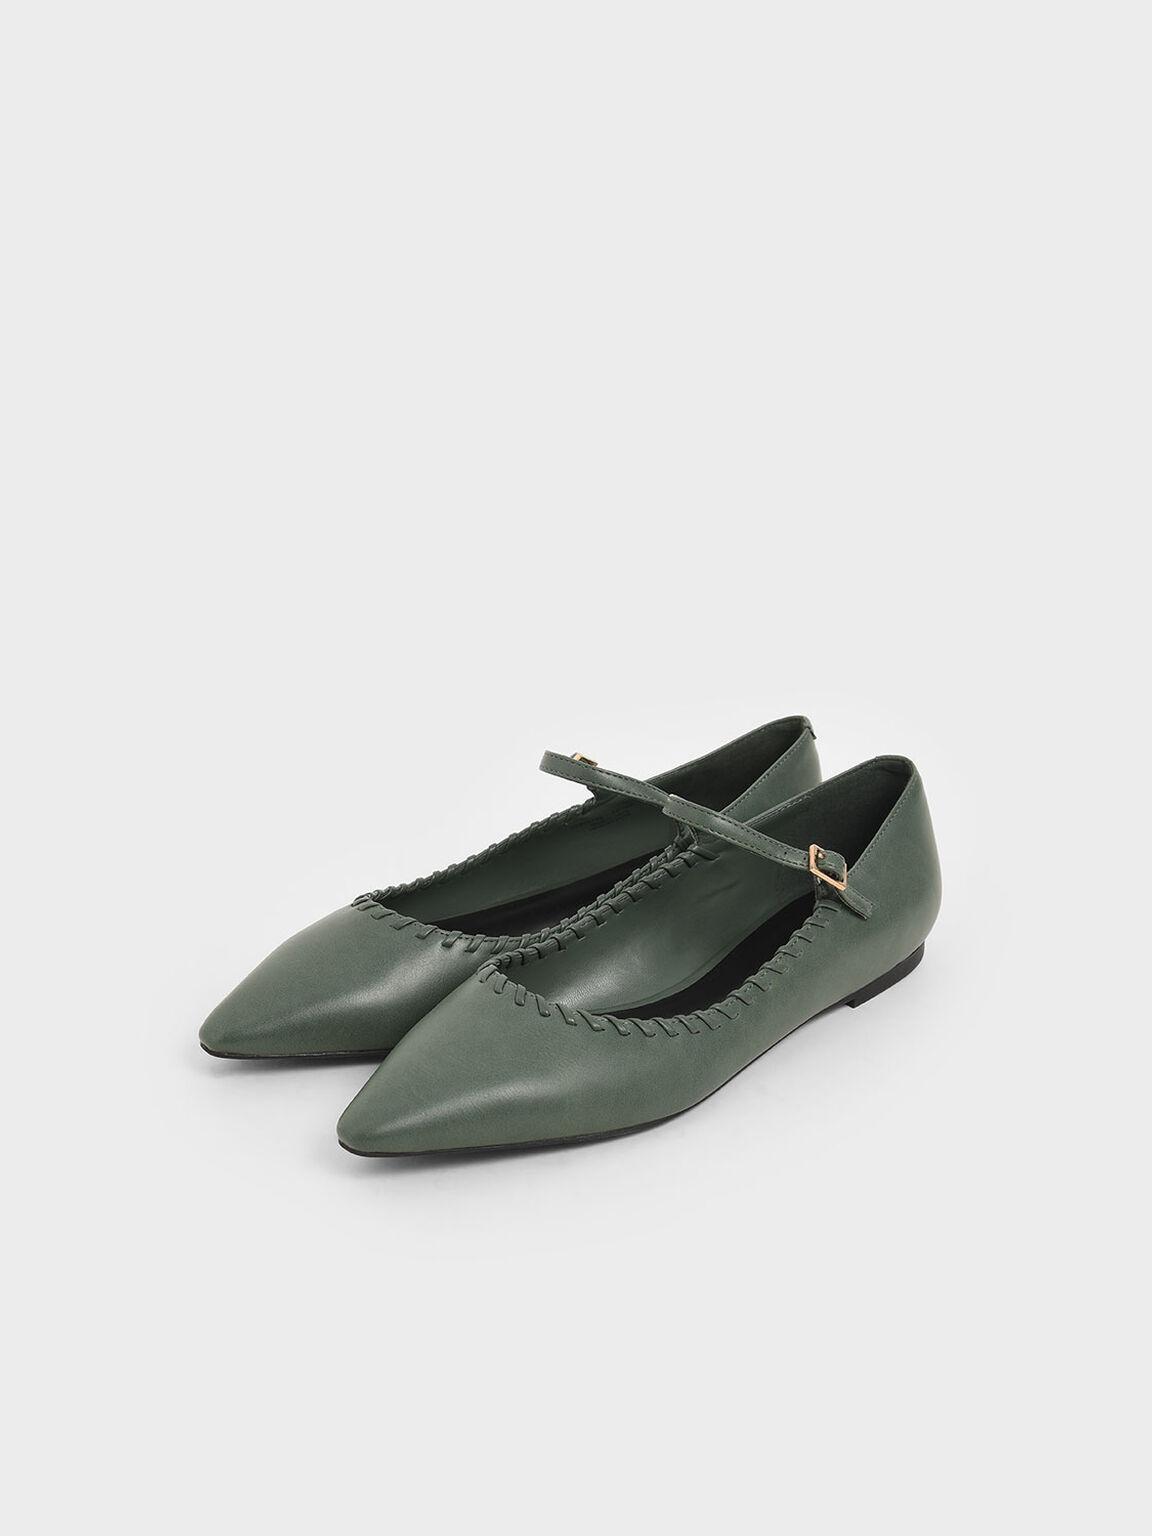 編織尖頭平底鞋, 綠色, hi-res